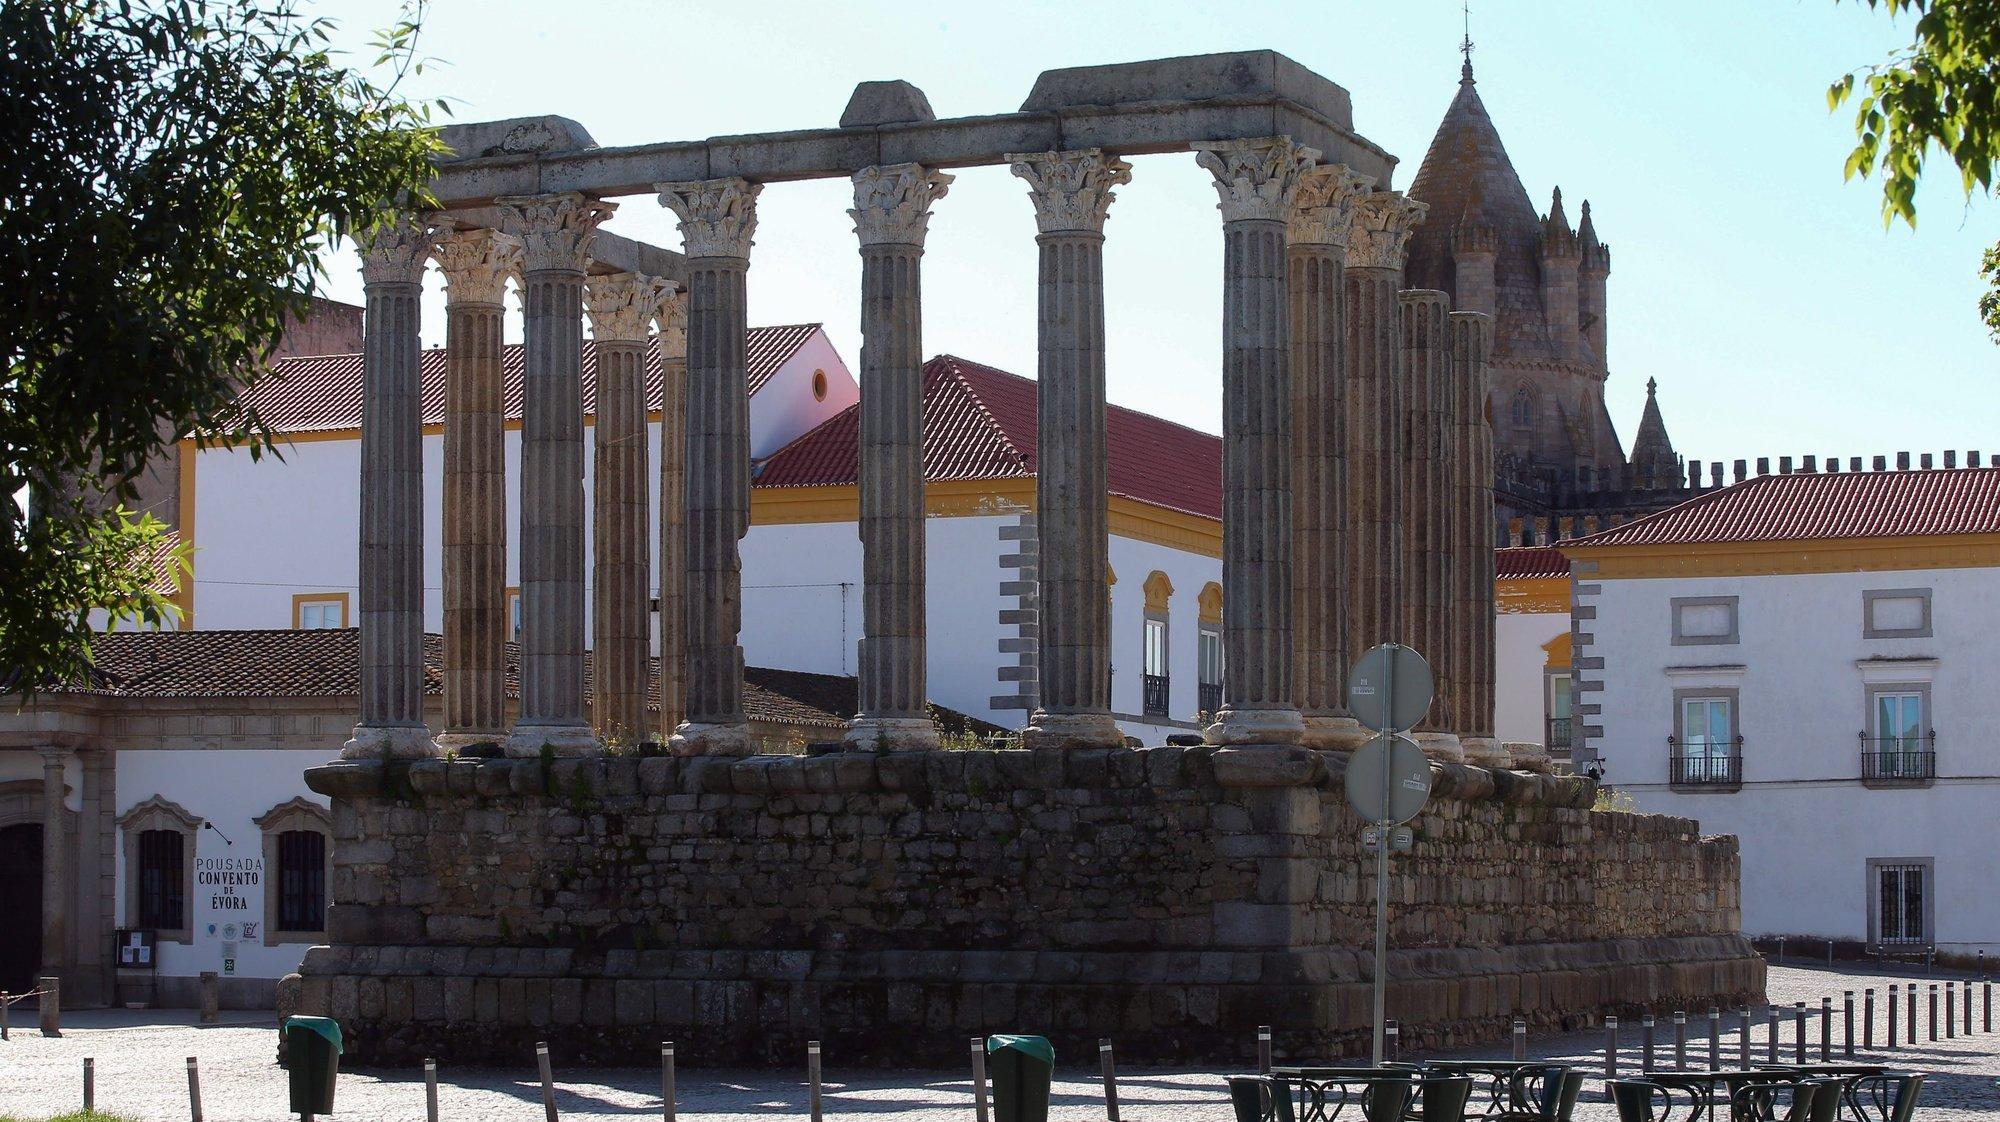 O Templo Romano de Évora (Templo de Diana) sem visitantes, durante o Domingo de Páscoa, devido à pandemia da covid-19, em Évora, 12 de abril de 2020. Portugal encontra-se em estado de emergência desde de 19 de março e até ao final do dia 17 de abril. NUNO VEIGA/LUSA